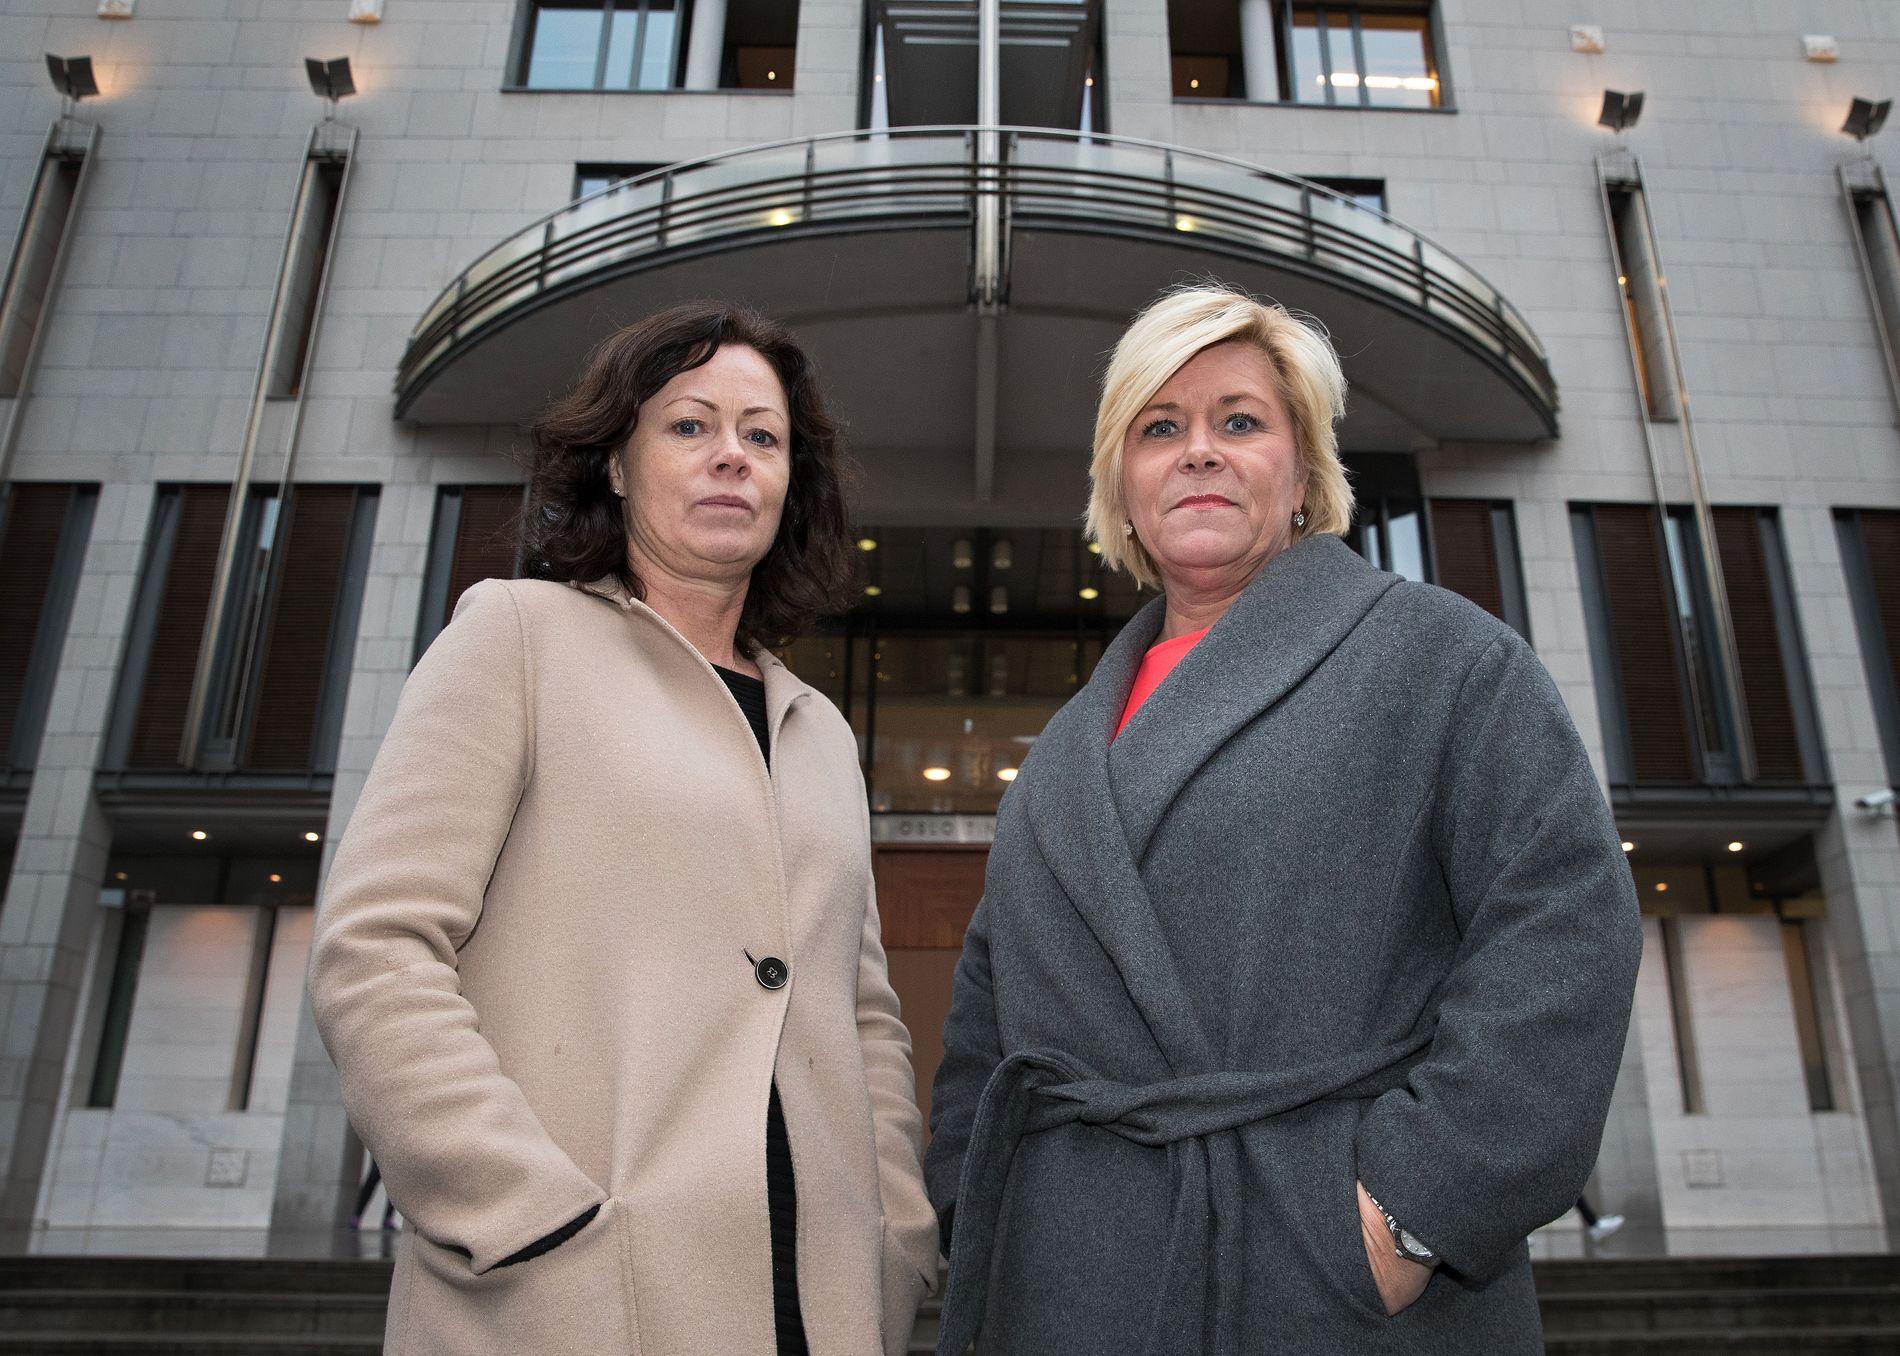 SAMMEN FOR BARNA: Siv Jensen og Solveig Horne innfører tap av samværsrett for foreldre-overgripere. Her foran Oslo tinghus.